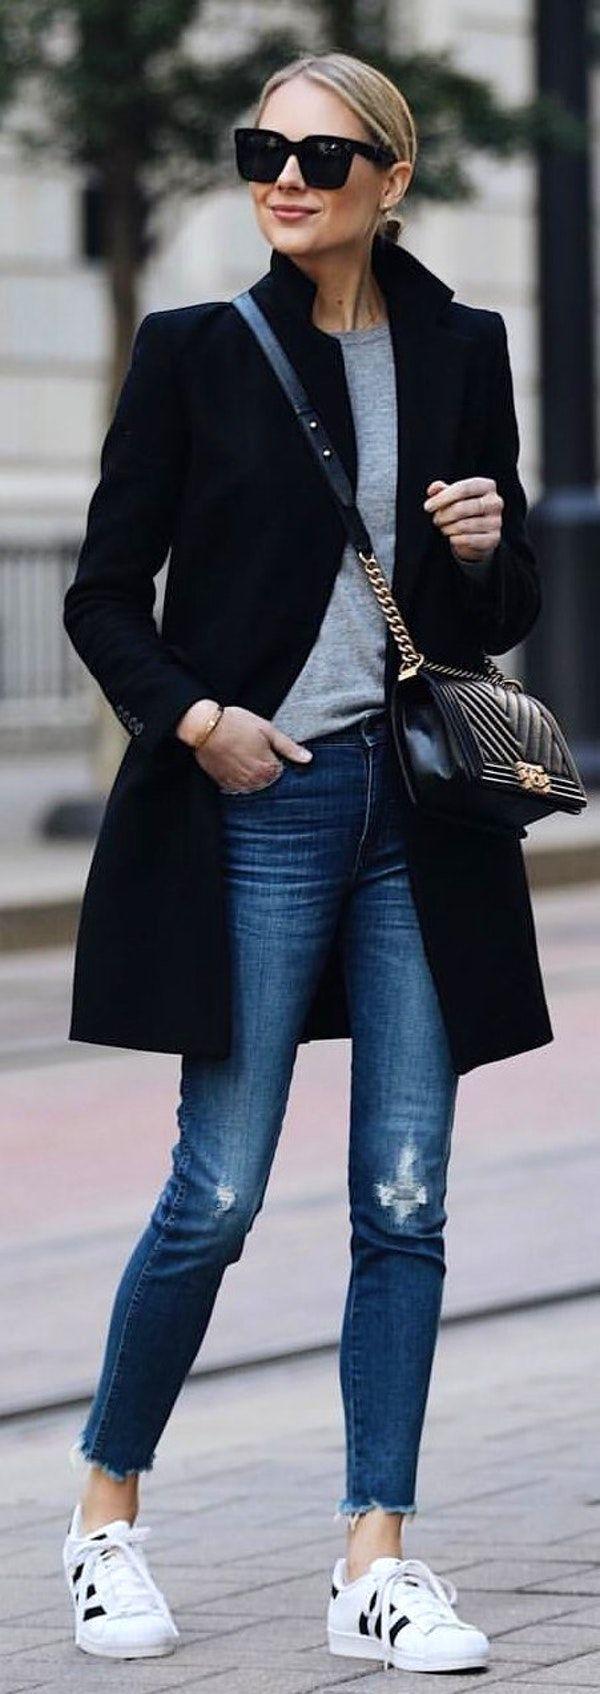 #winter #outfits schwarzer Mantel und graues Hemd mit Rundhalsausschnitt mit blauen Jeans. Bild #jeanjacketoutfits